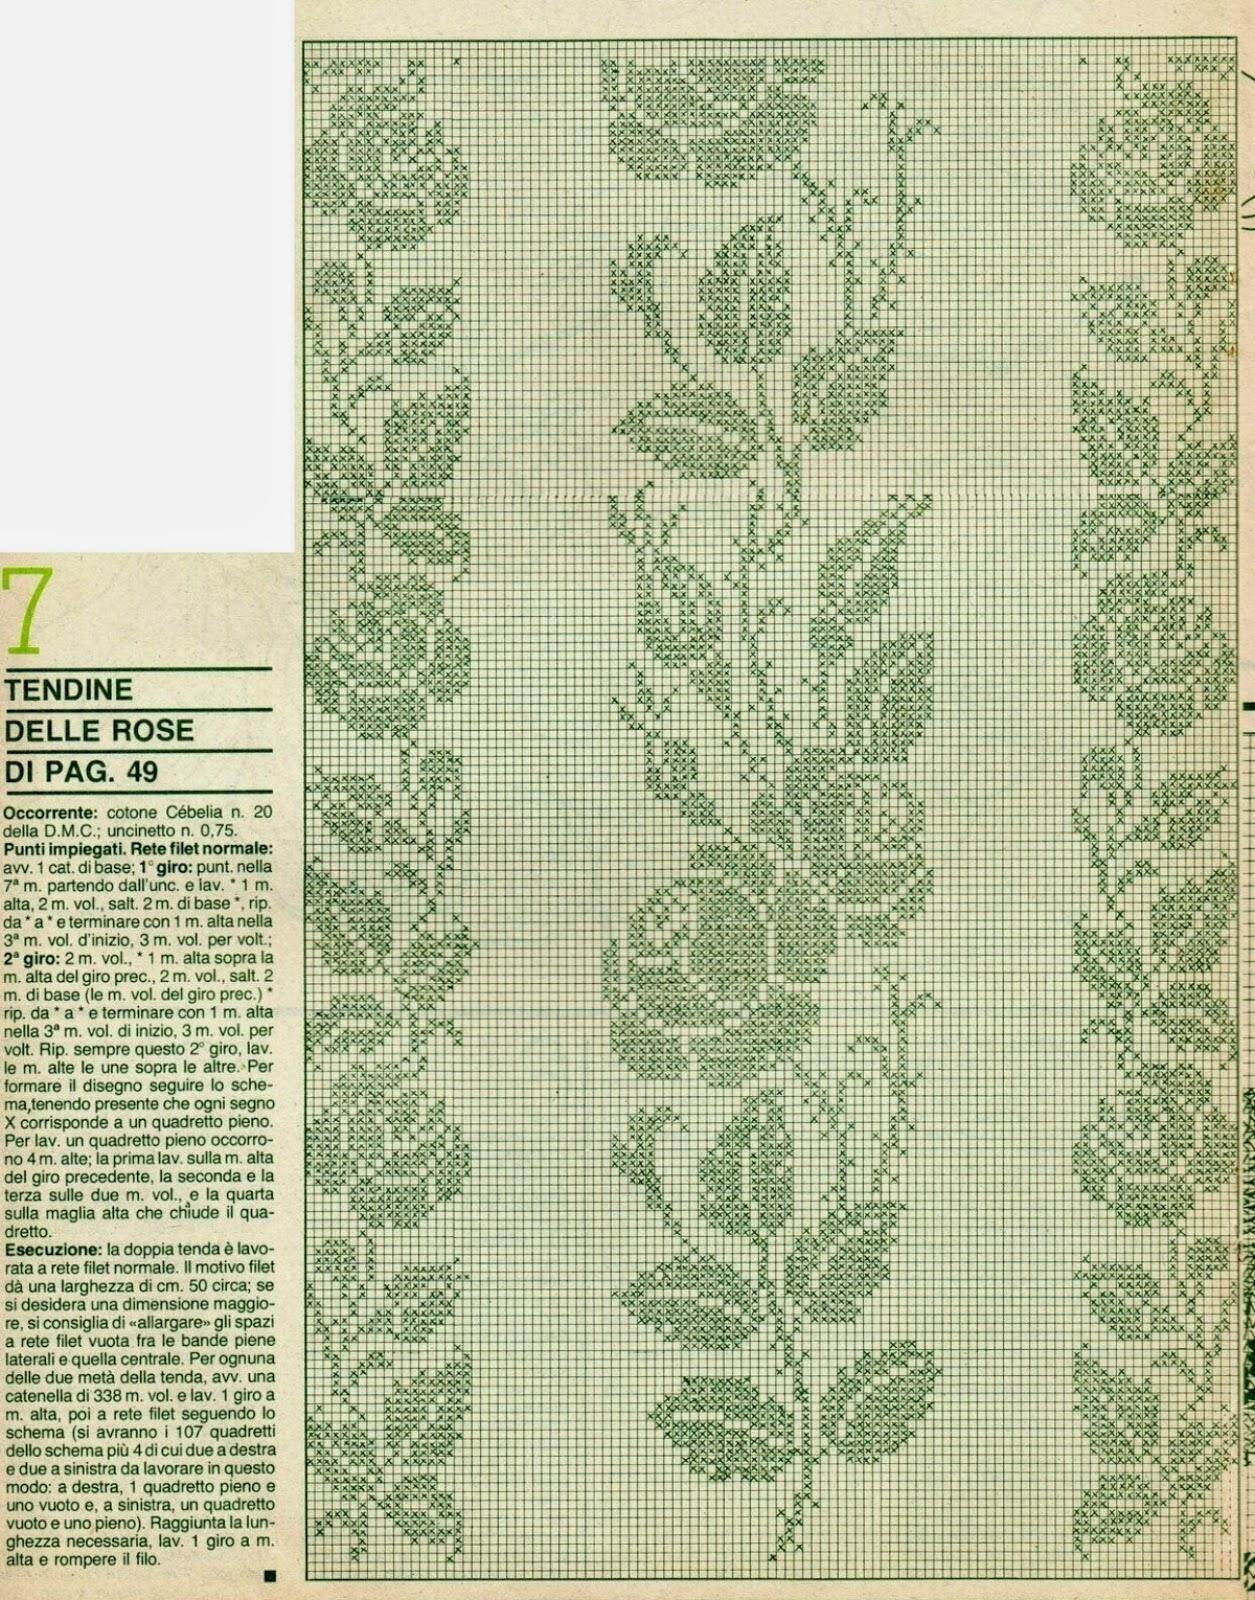 Professione donna schemi per il filet tendine in fiore - Tendine filet per bagno ...